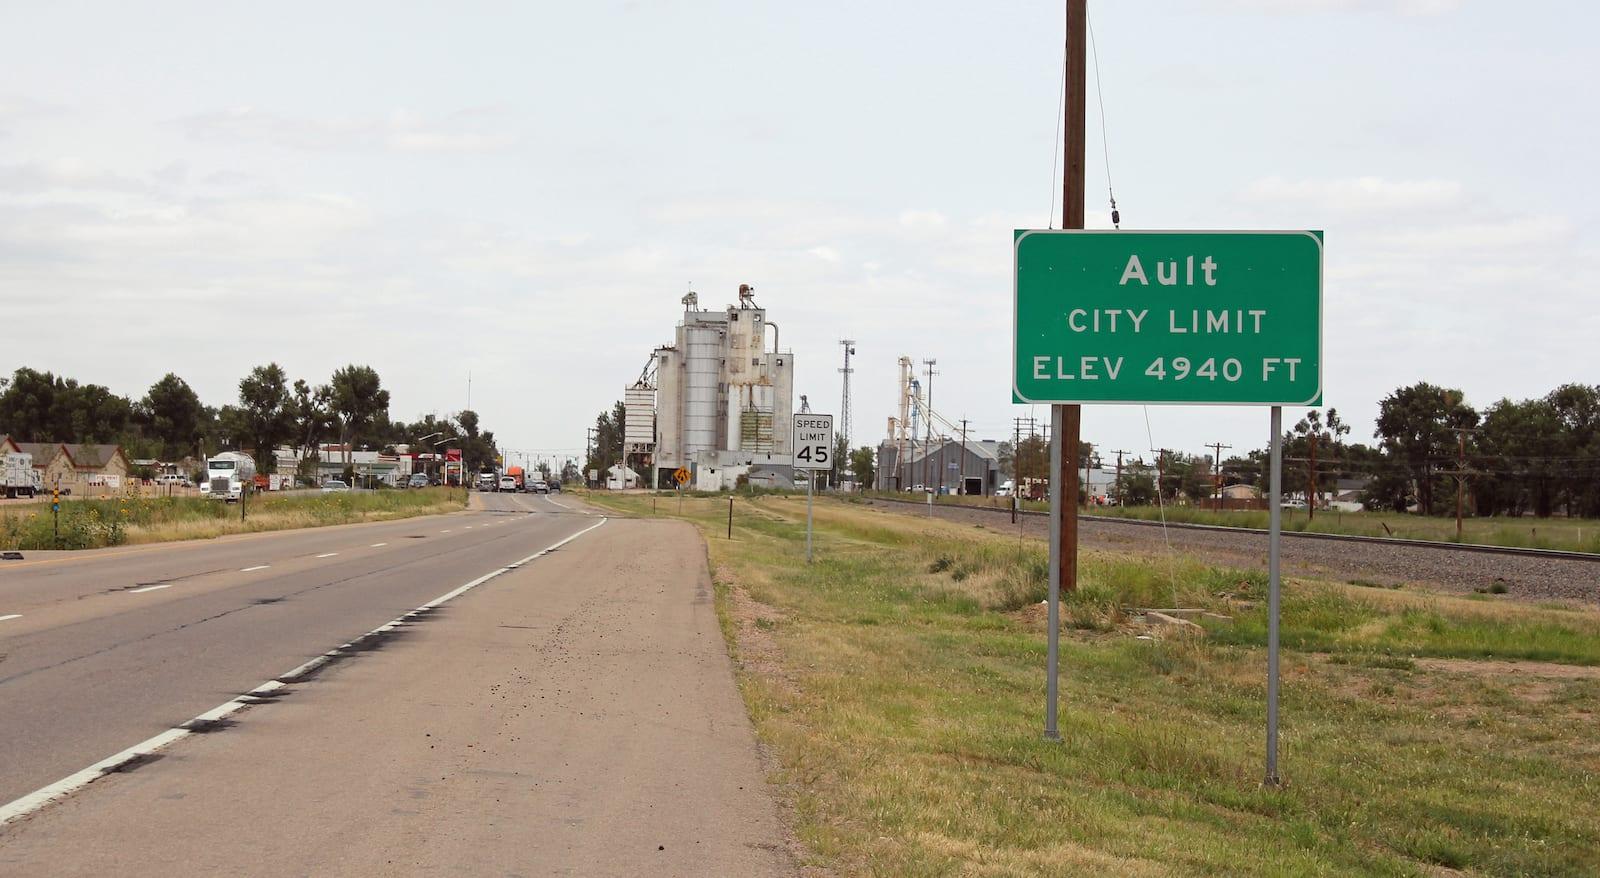 Ault Colorado City Limit Sign